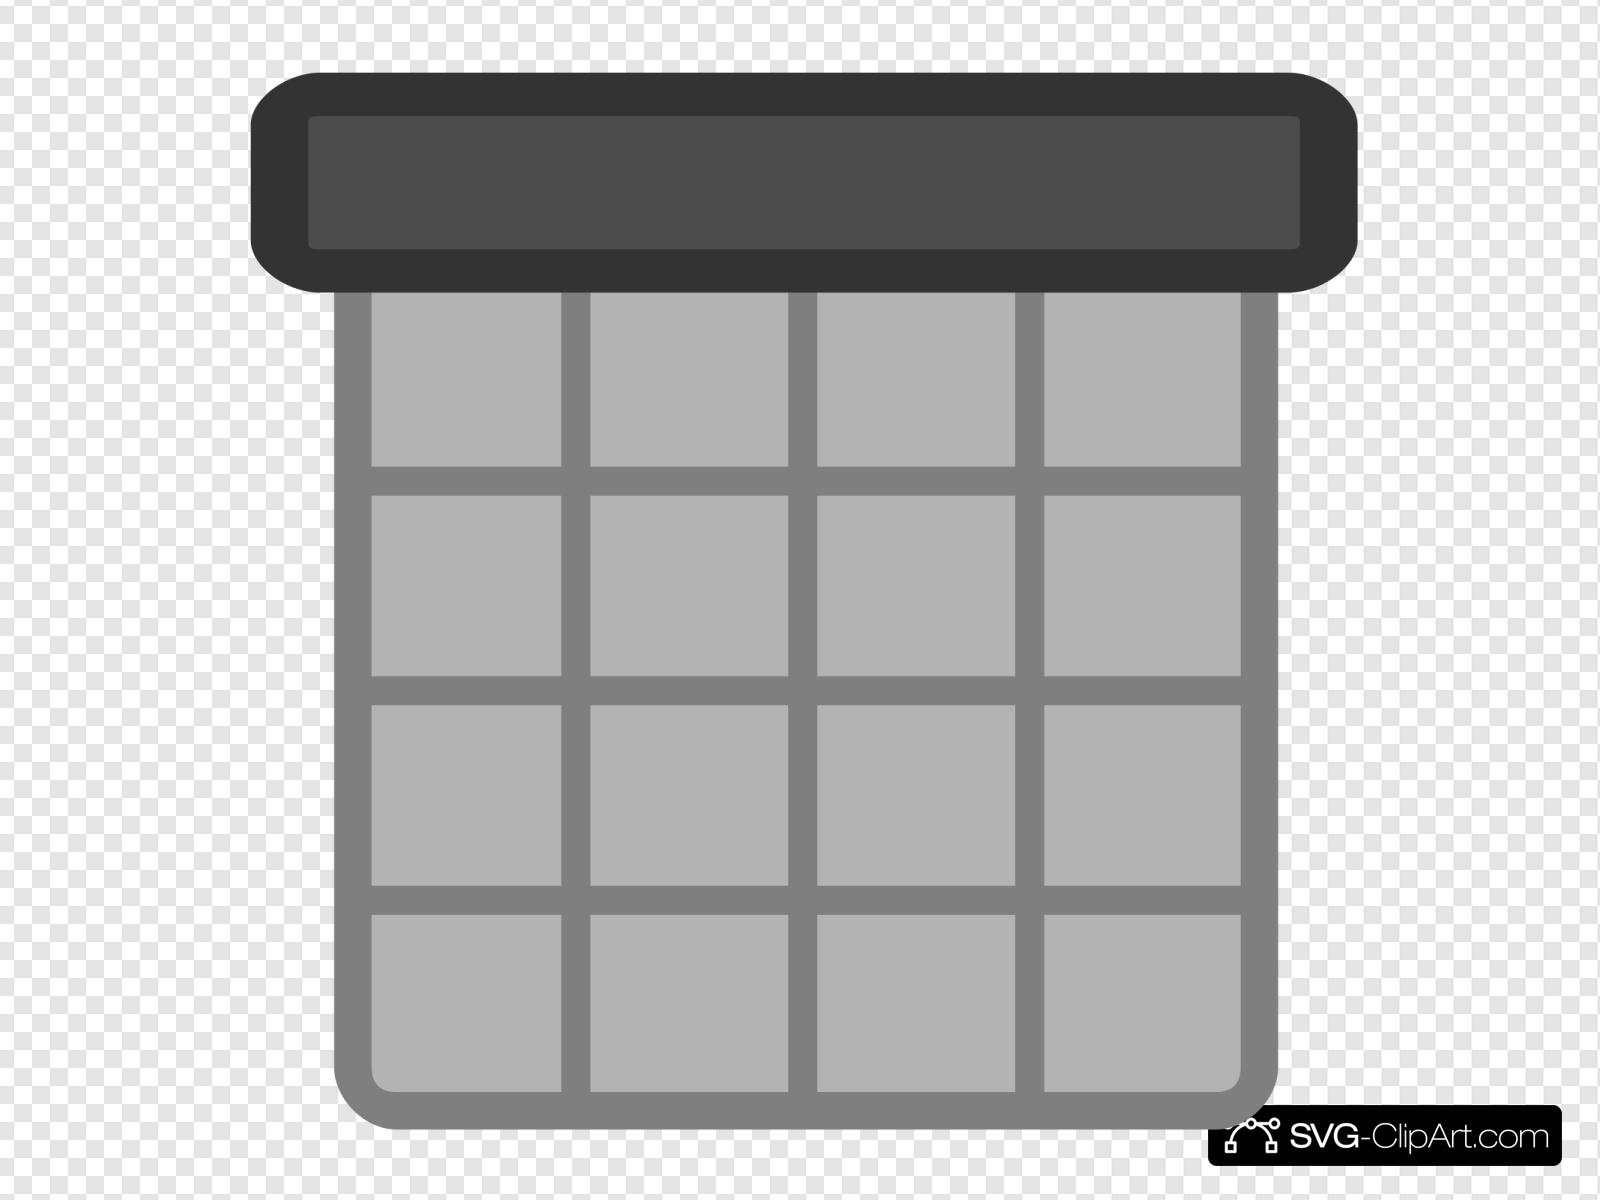 Small Calendar Clip art, Icon and SVG.